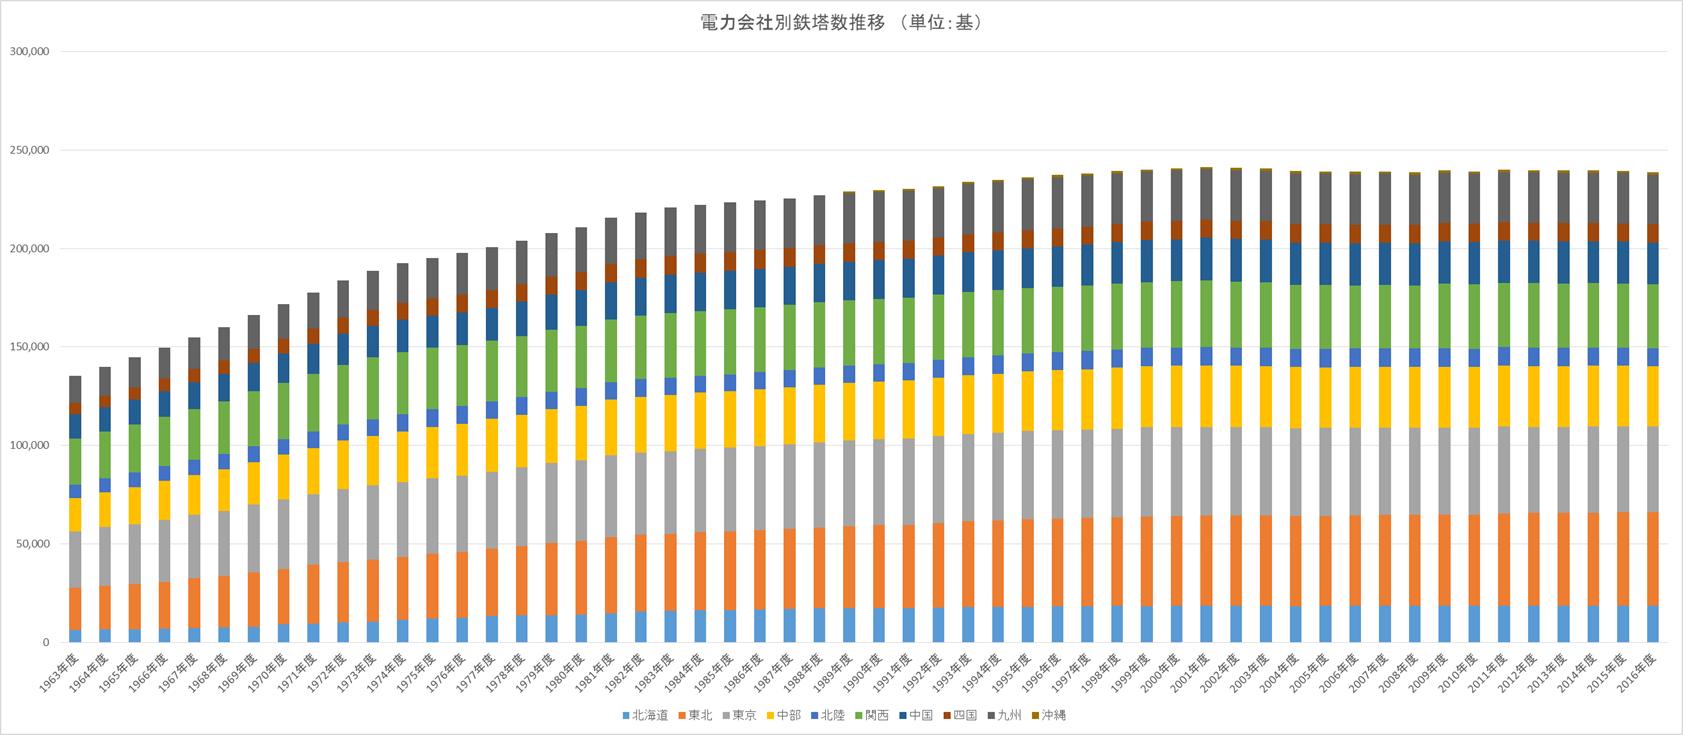 電力会社別鉄塔数推移グラフ